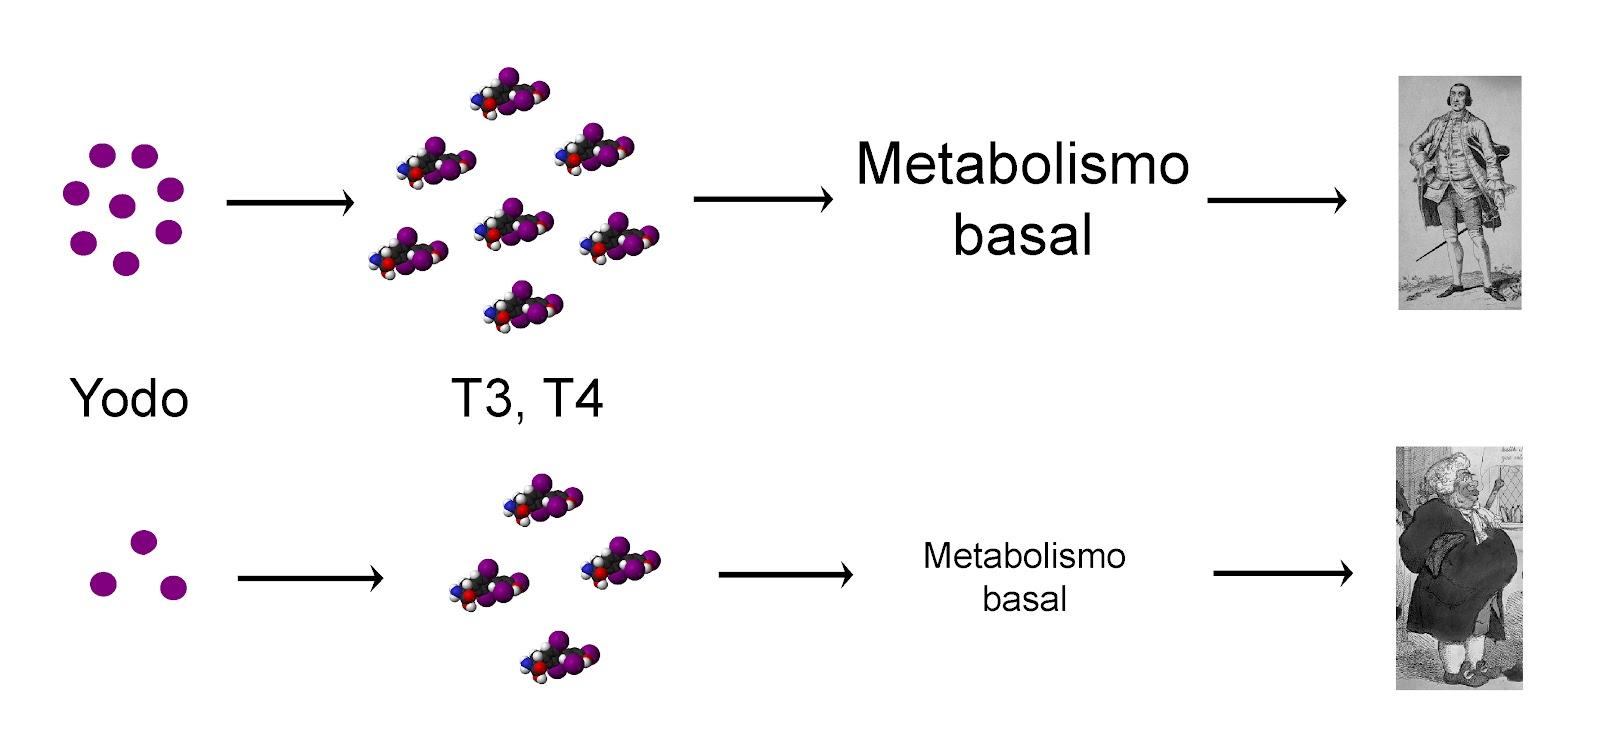 Hormonas : La tiroides y los kilos de más